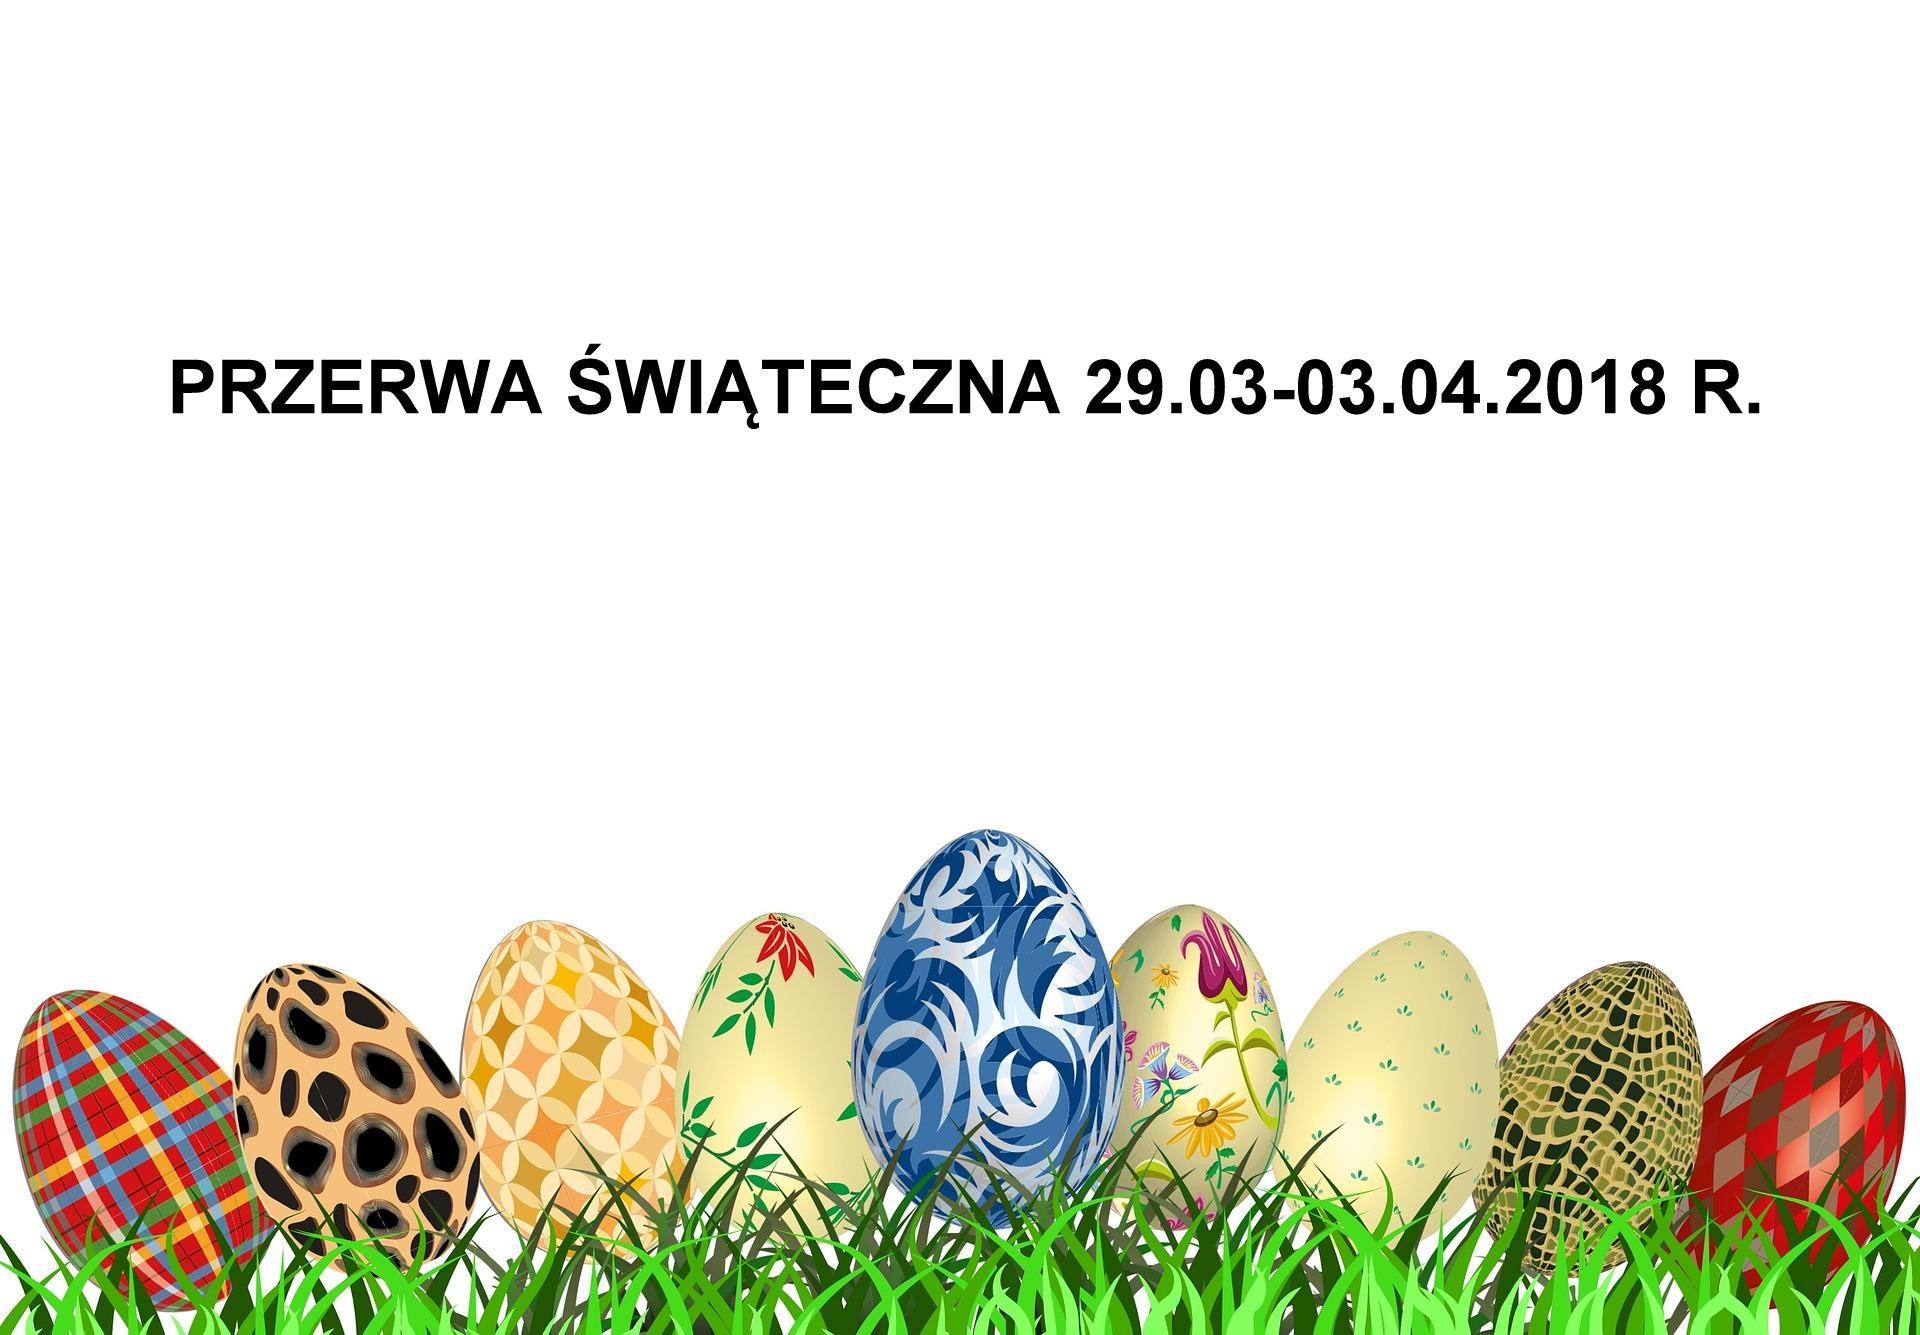 PRZERWA ŚWIĄTECZNA - 29.03-03.04.2018 r.